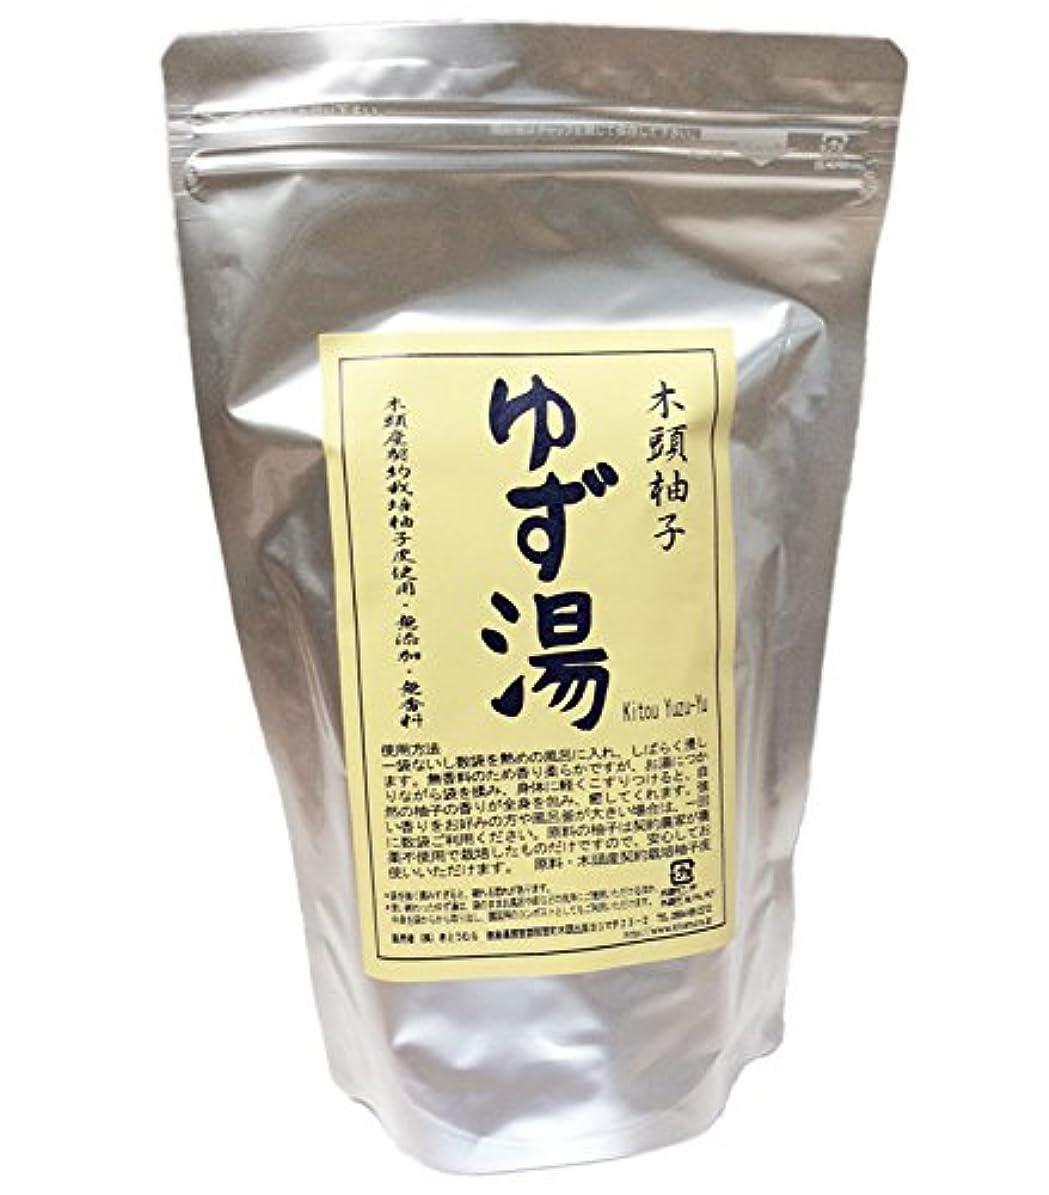 へこみ正確貨物きとうむら オーガニック 木頭柚子ゆず湯 (徳用) 30g×15パック入